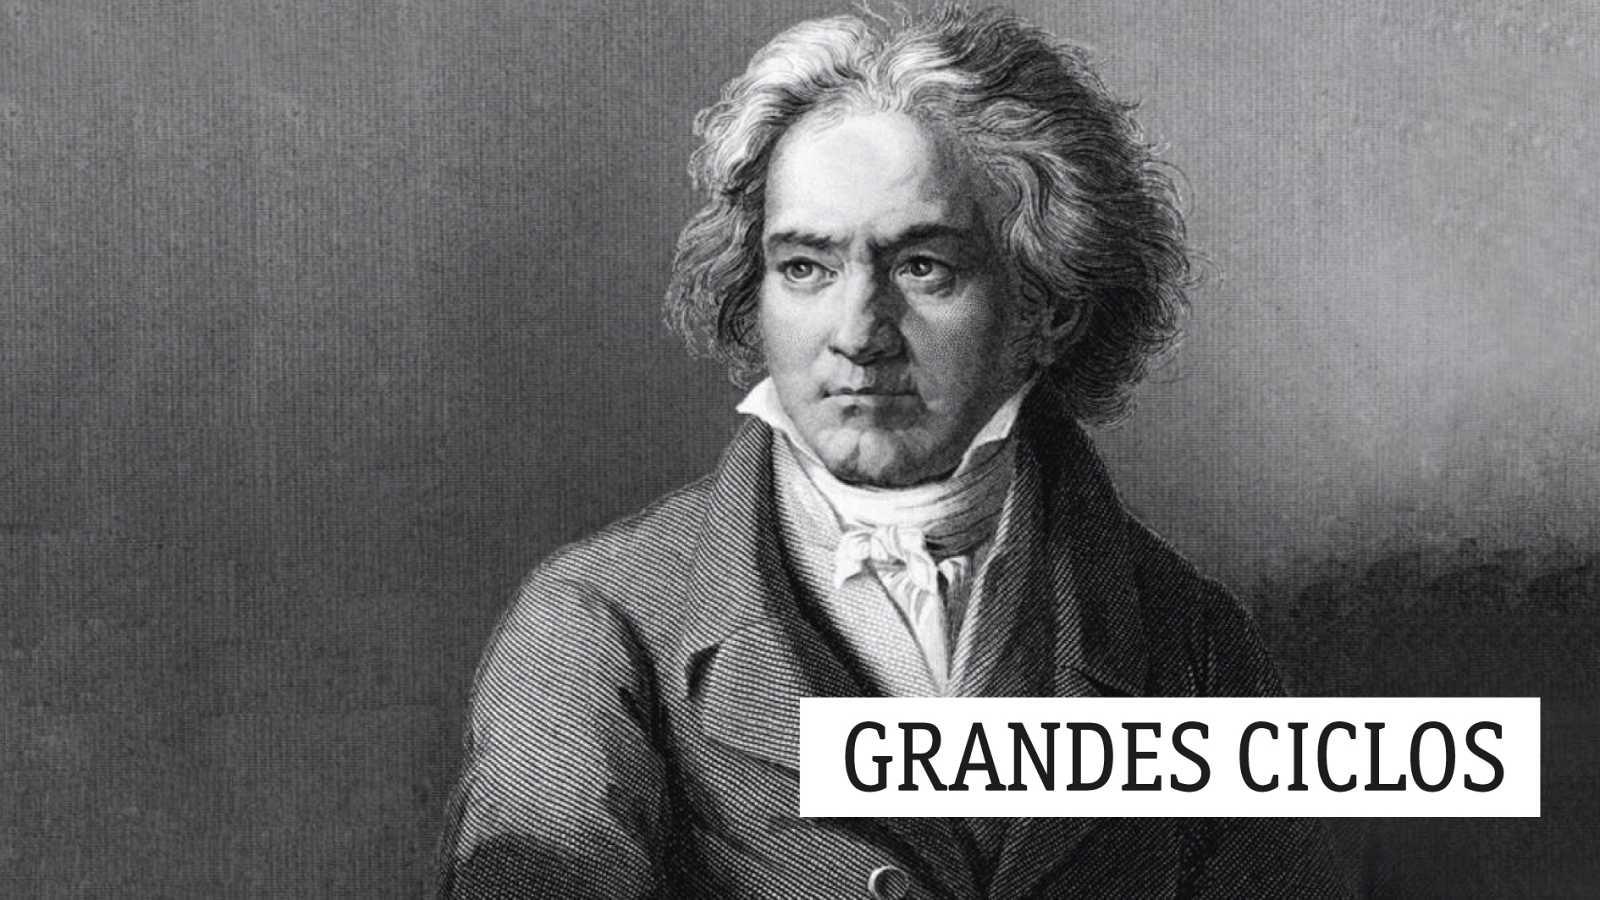 Grandes ciclos - L. van Beethoven (LXXX): Hacia una nueva semántica - 02/06/20 - escuchar ahora